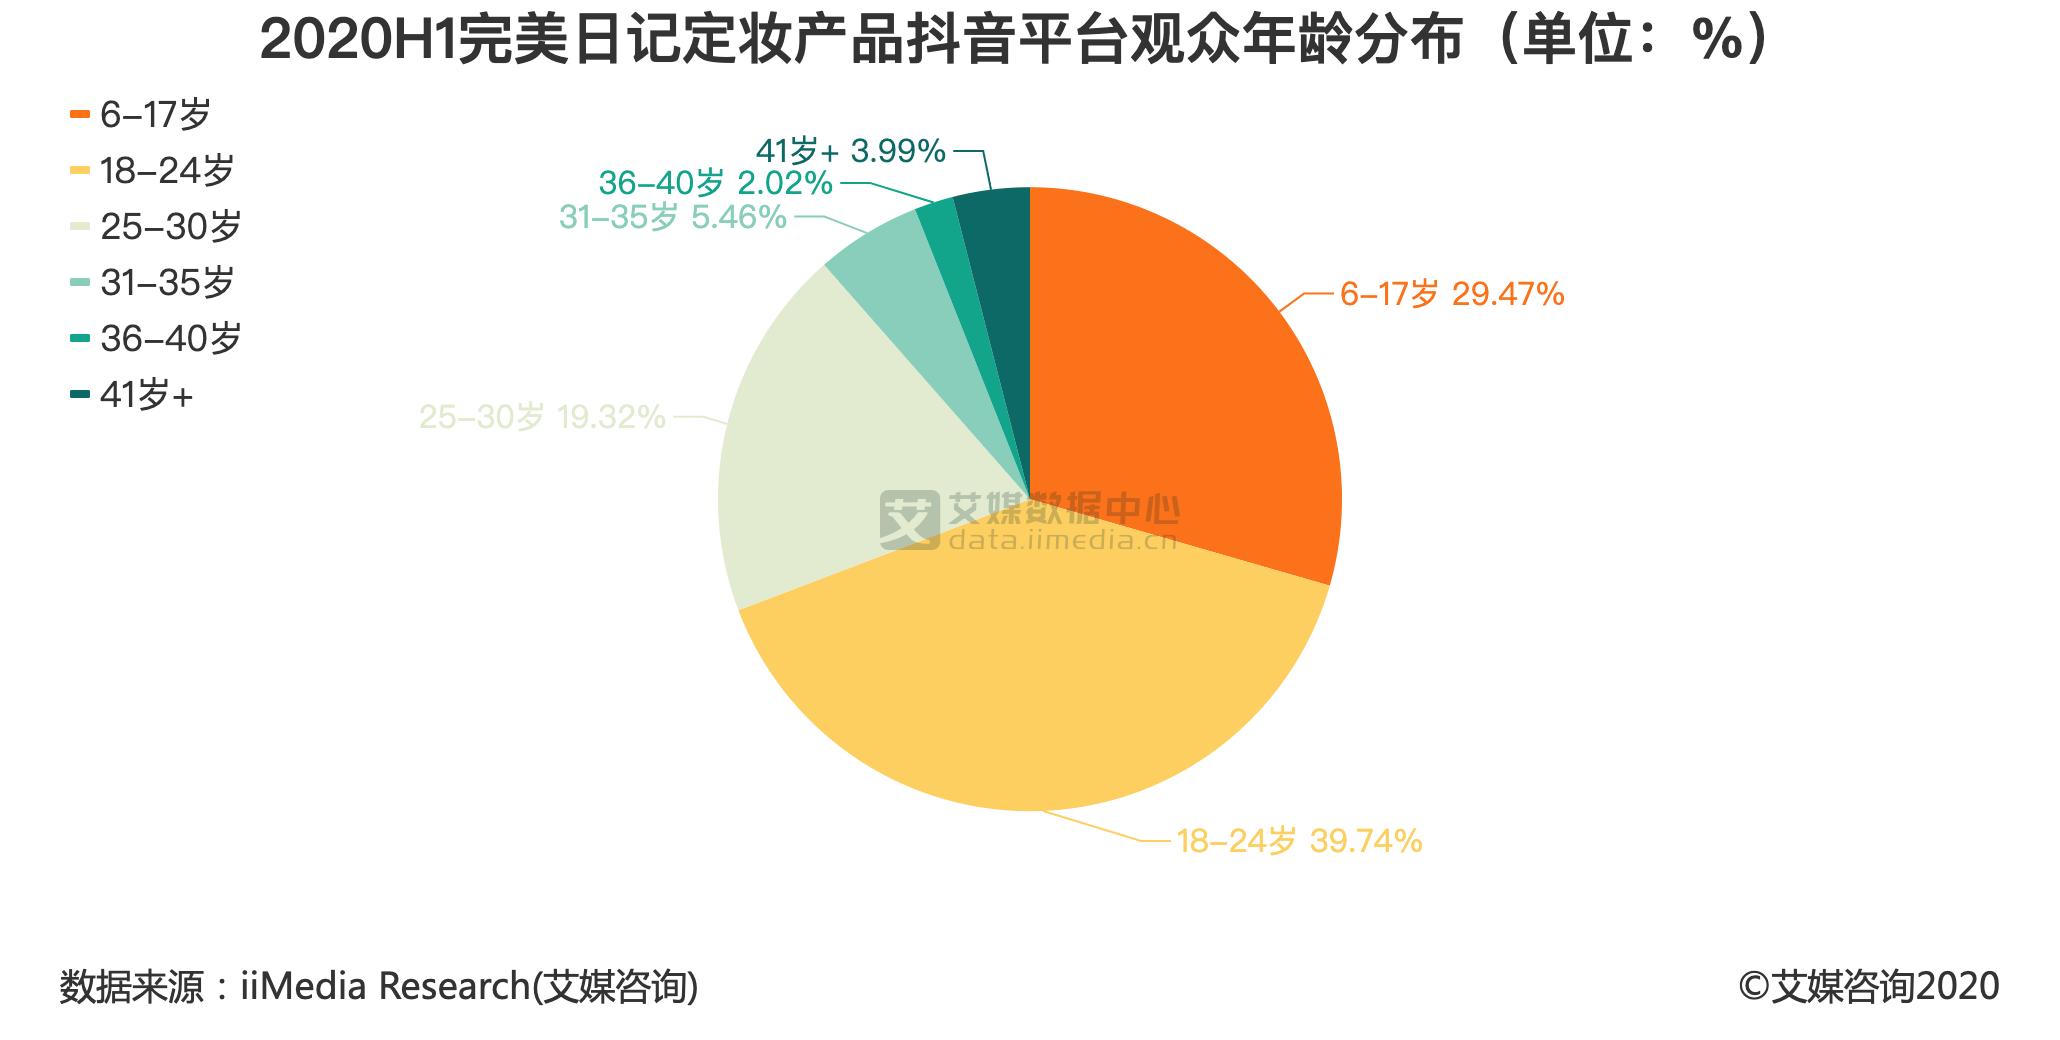 2020H1完美日记定妆产品抖音平台观众年龄分布(单位:%)